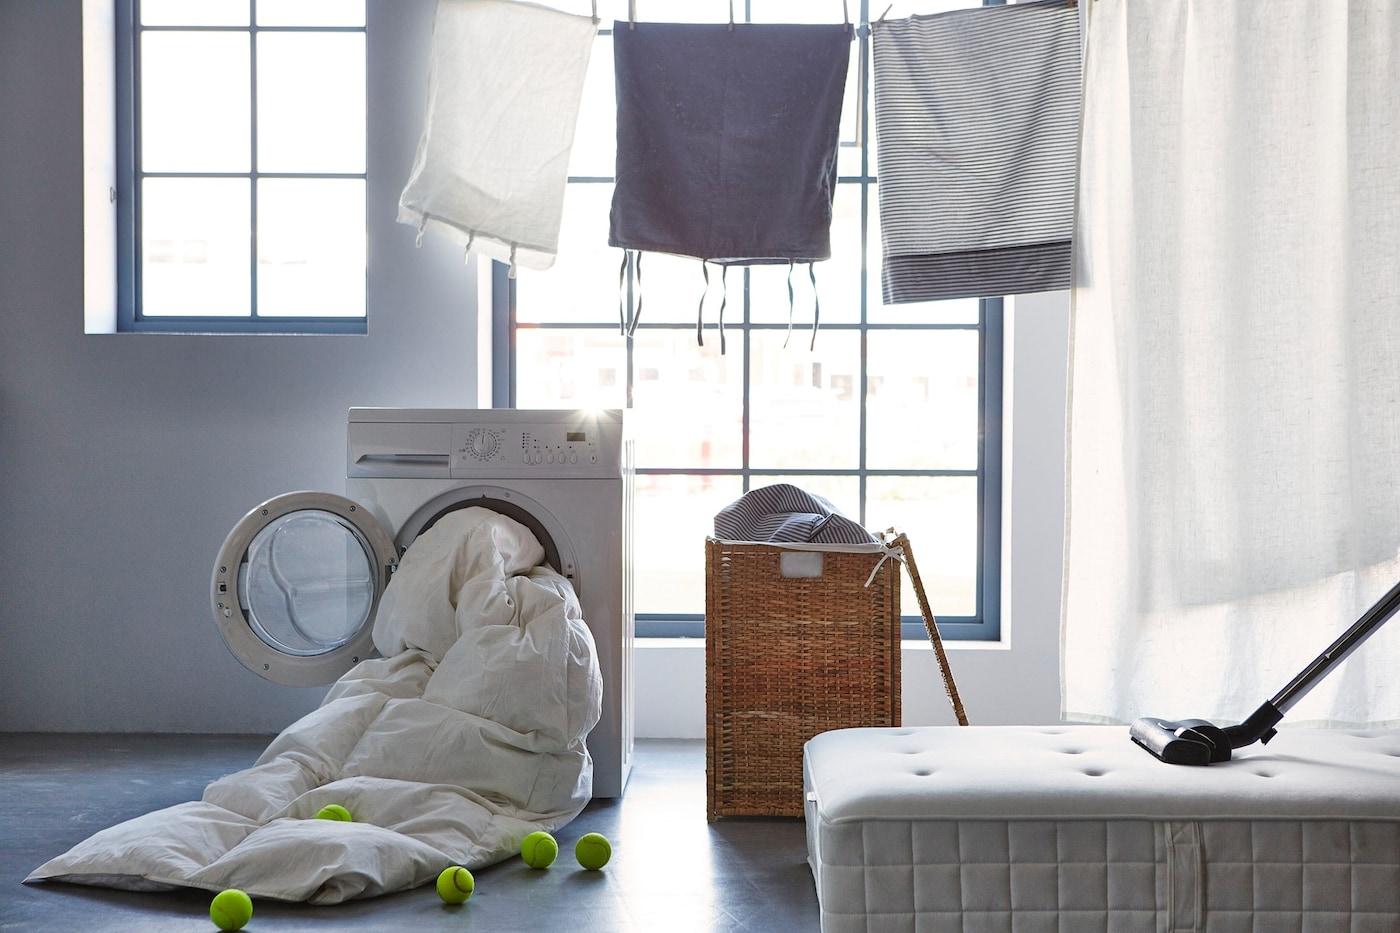 Comment Avoir Une Chambre Propre comment nettoyer et entretenir son matelas - ikea